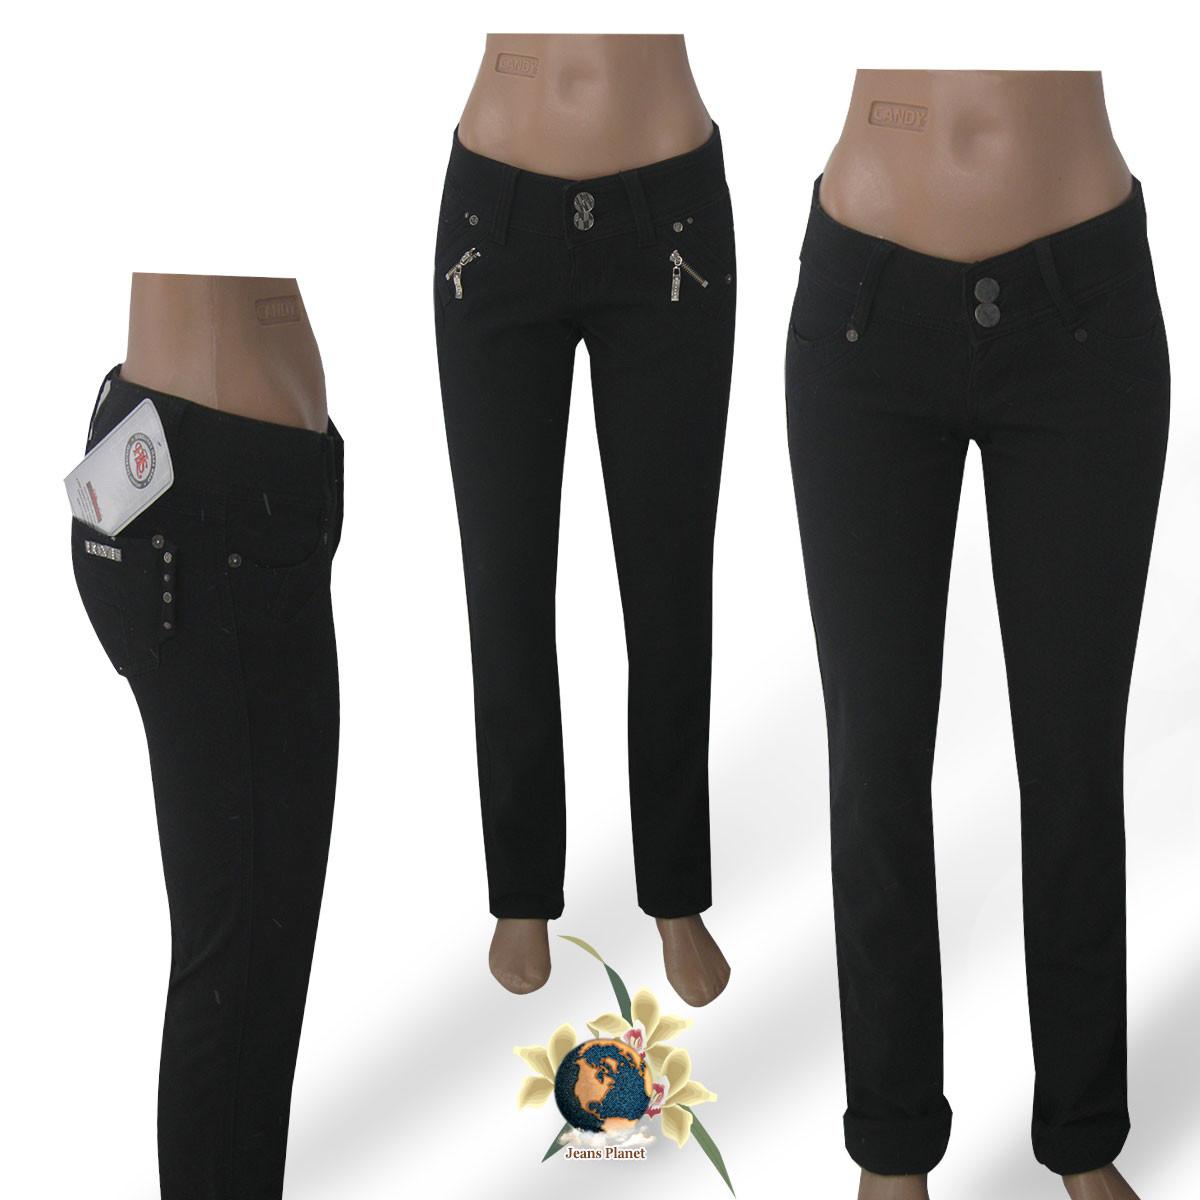 Женские узкие джинсы HLS 26-27 размер чёрного цвета на флисе.